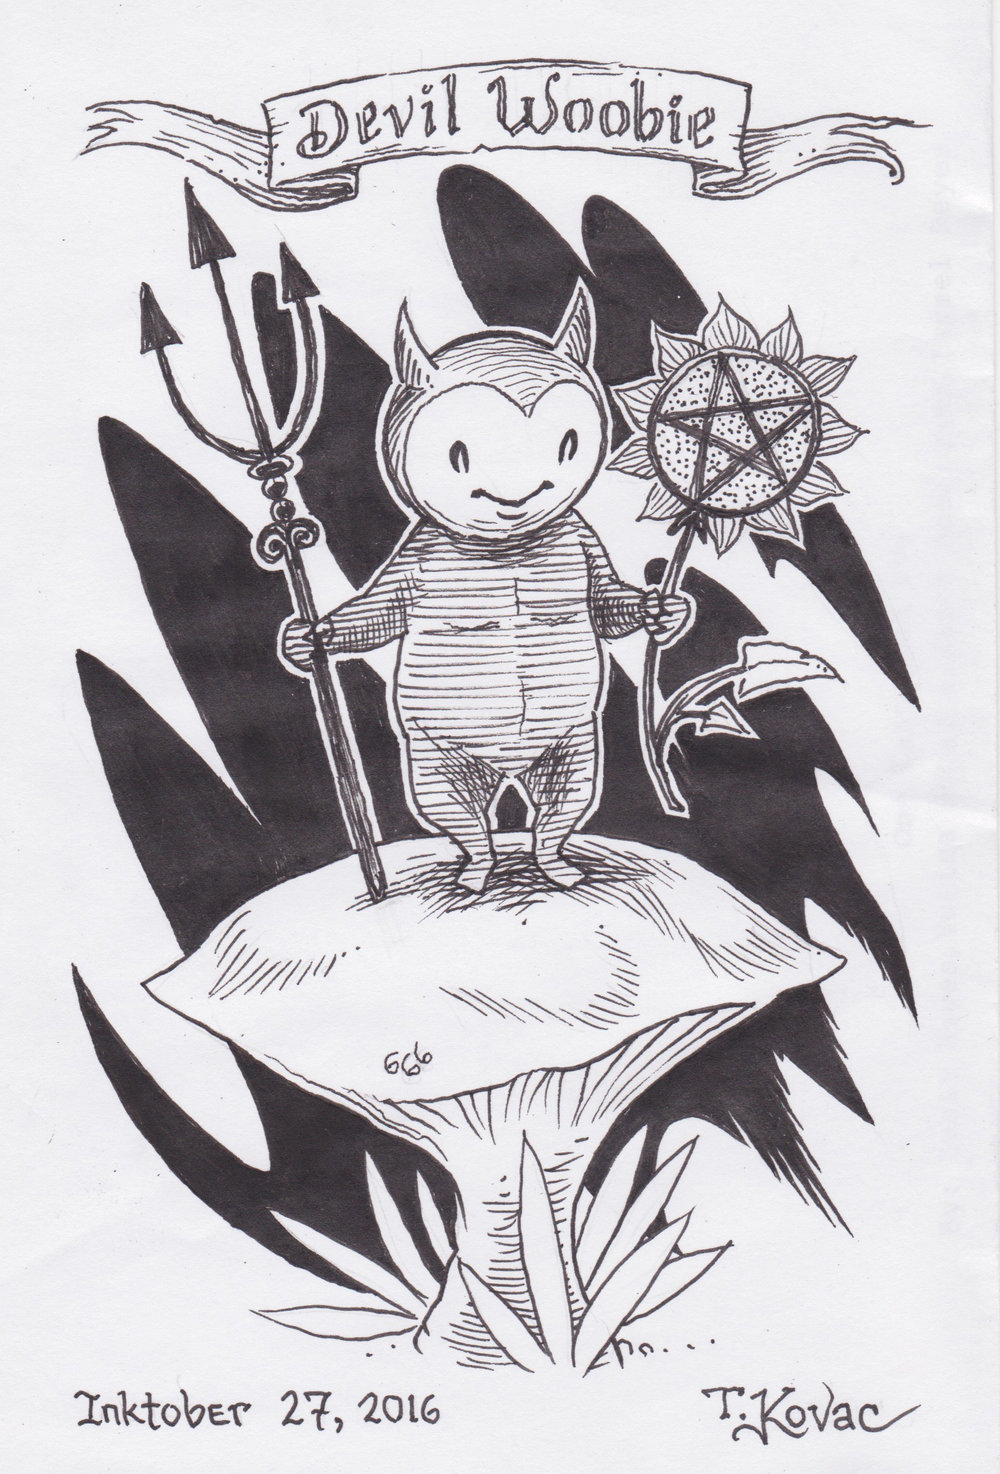 Devil Woobie